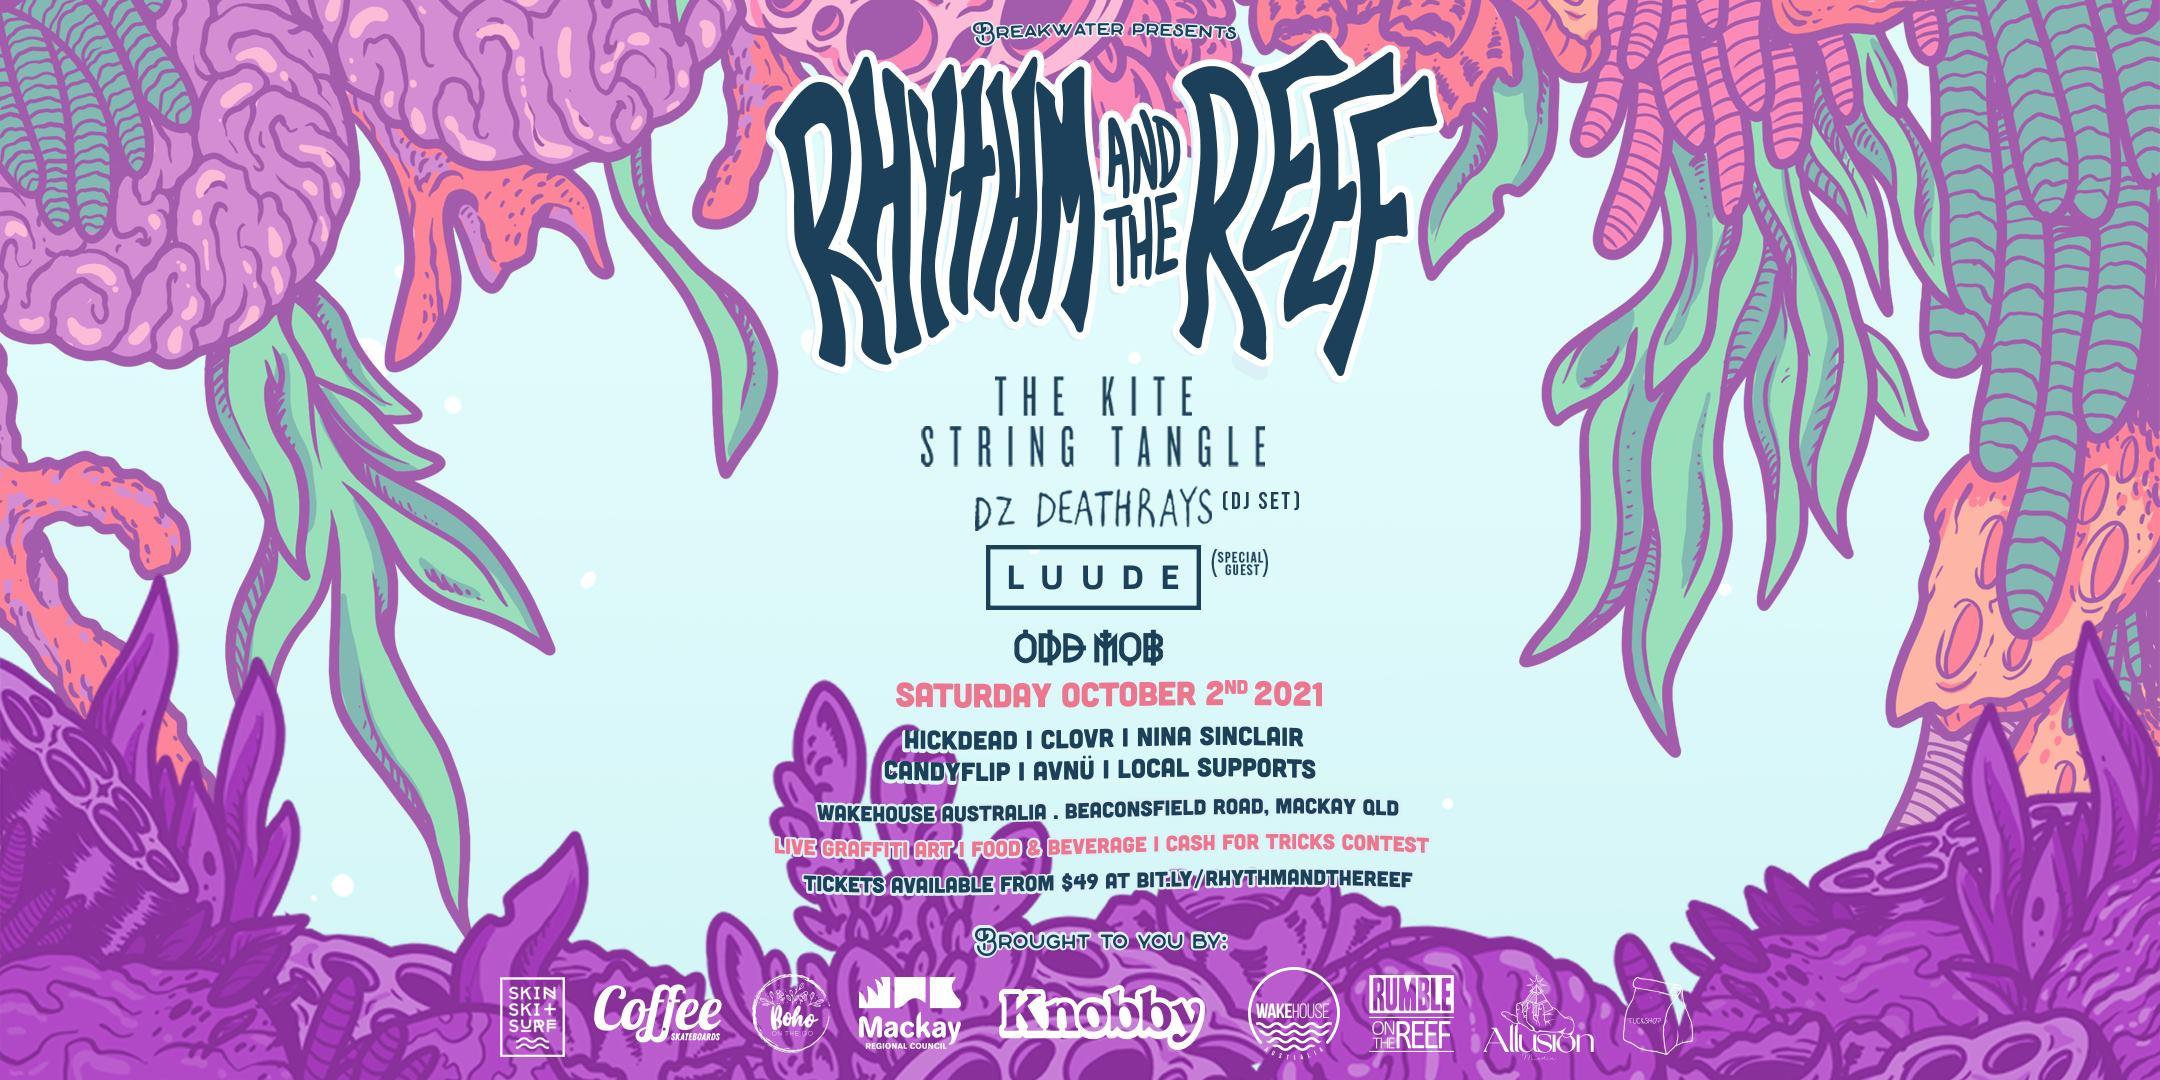 Rhythm & The Reef 2021